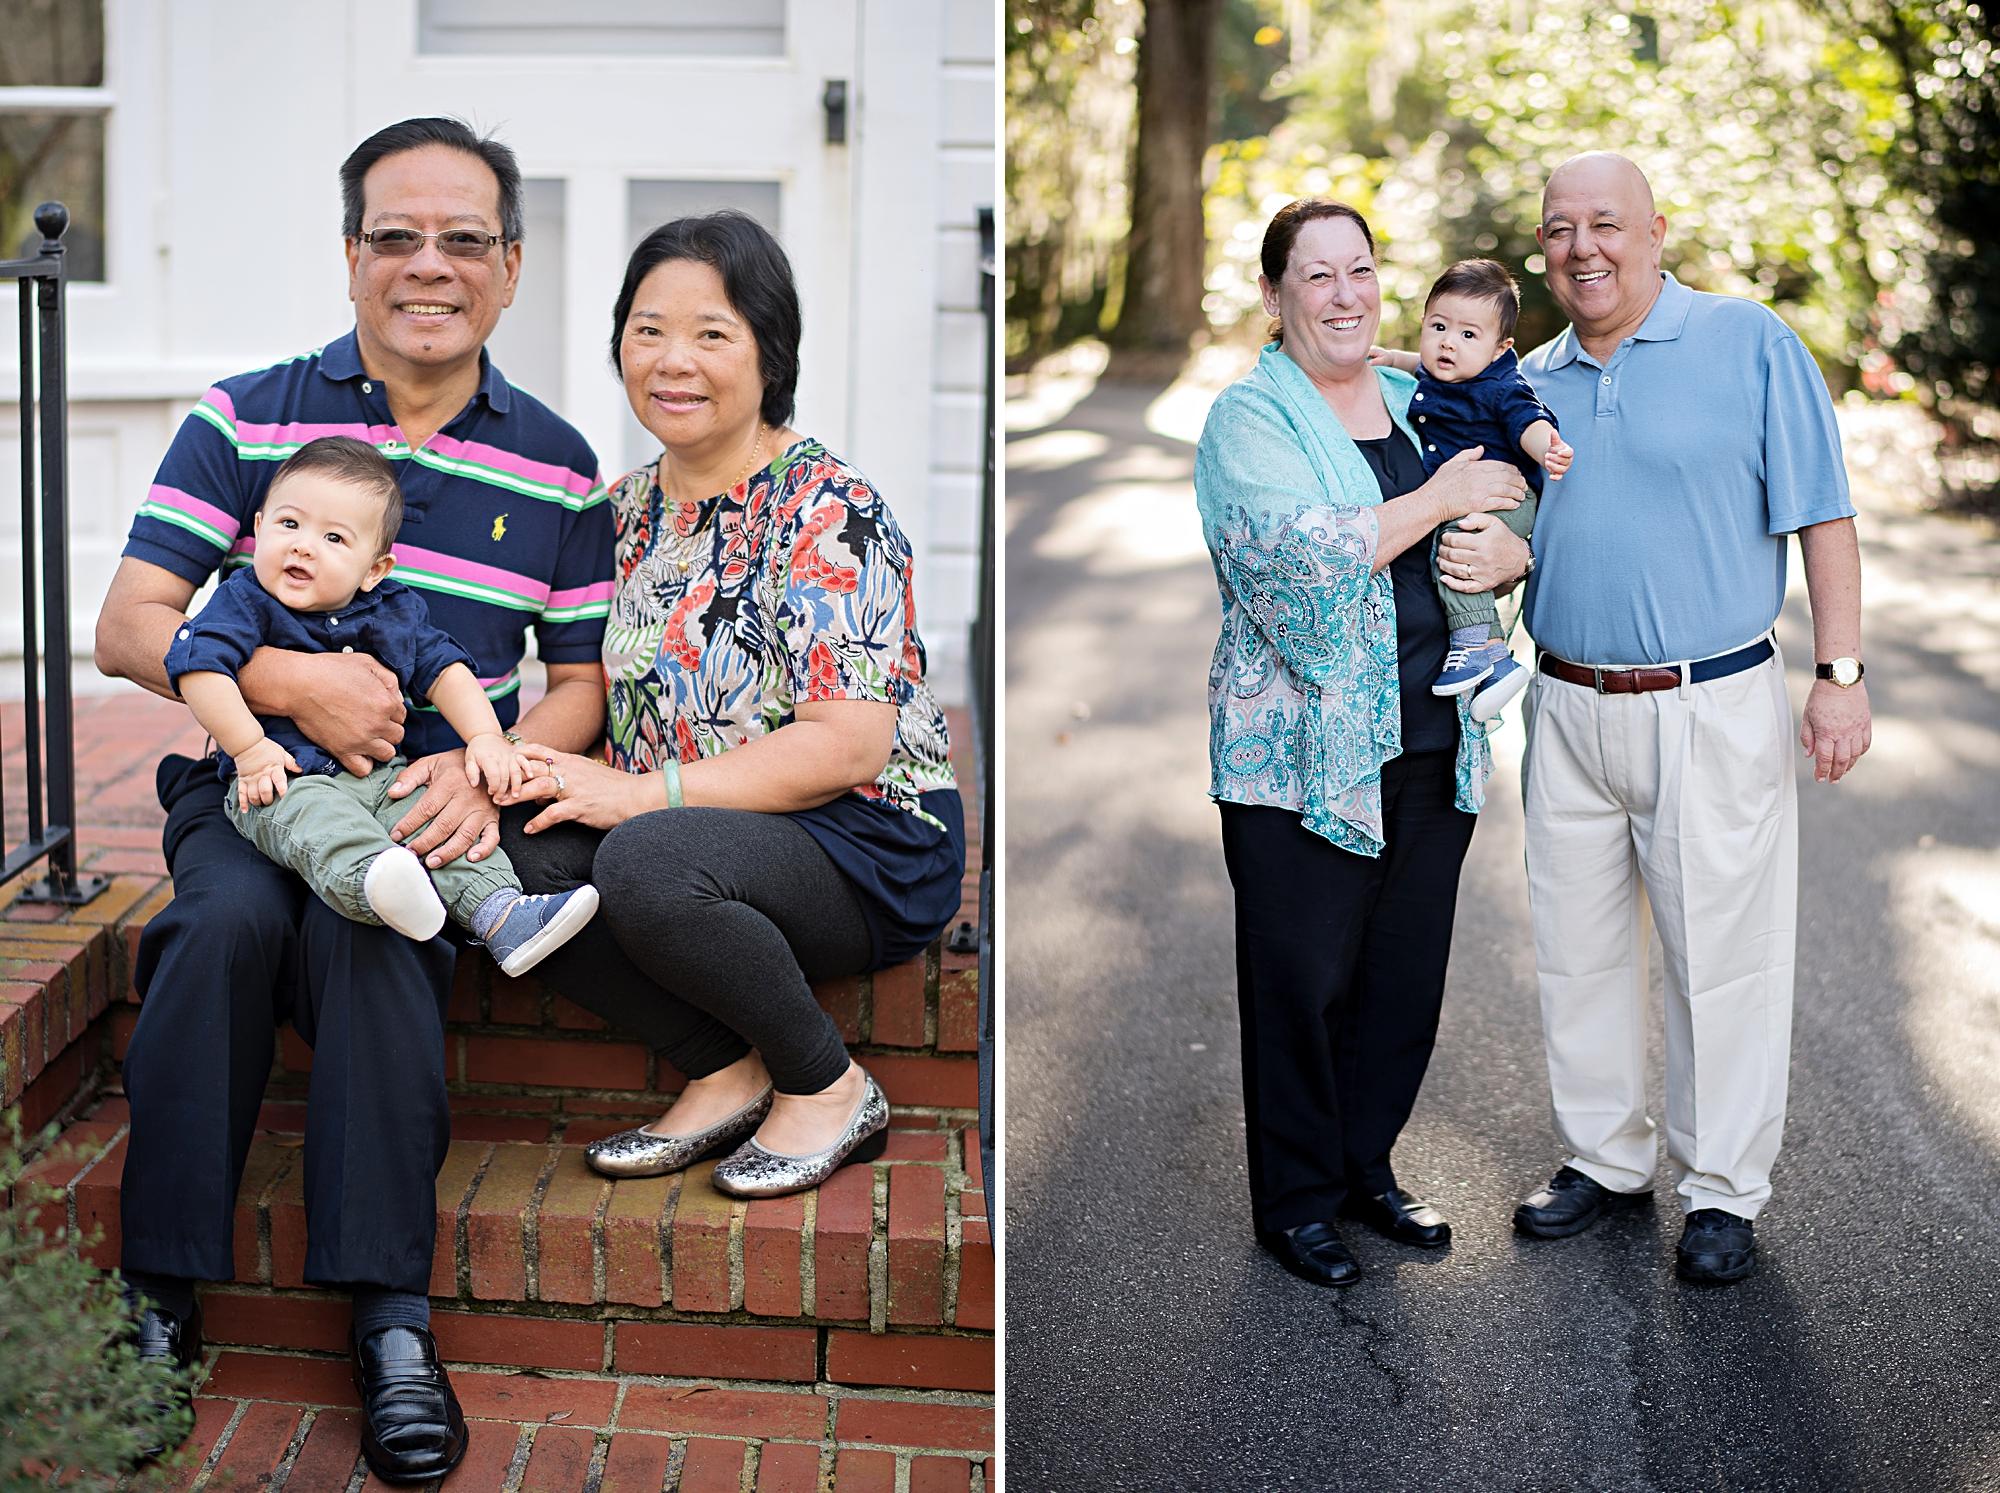 orlando family photos